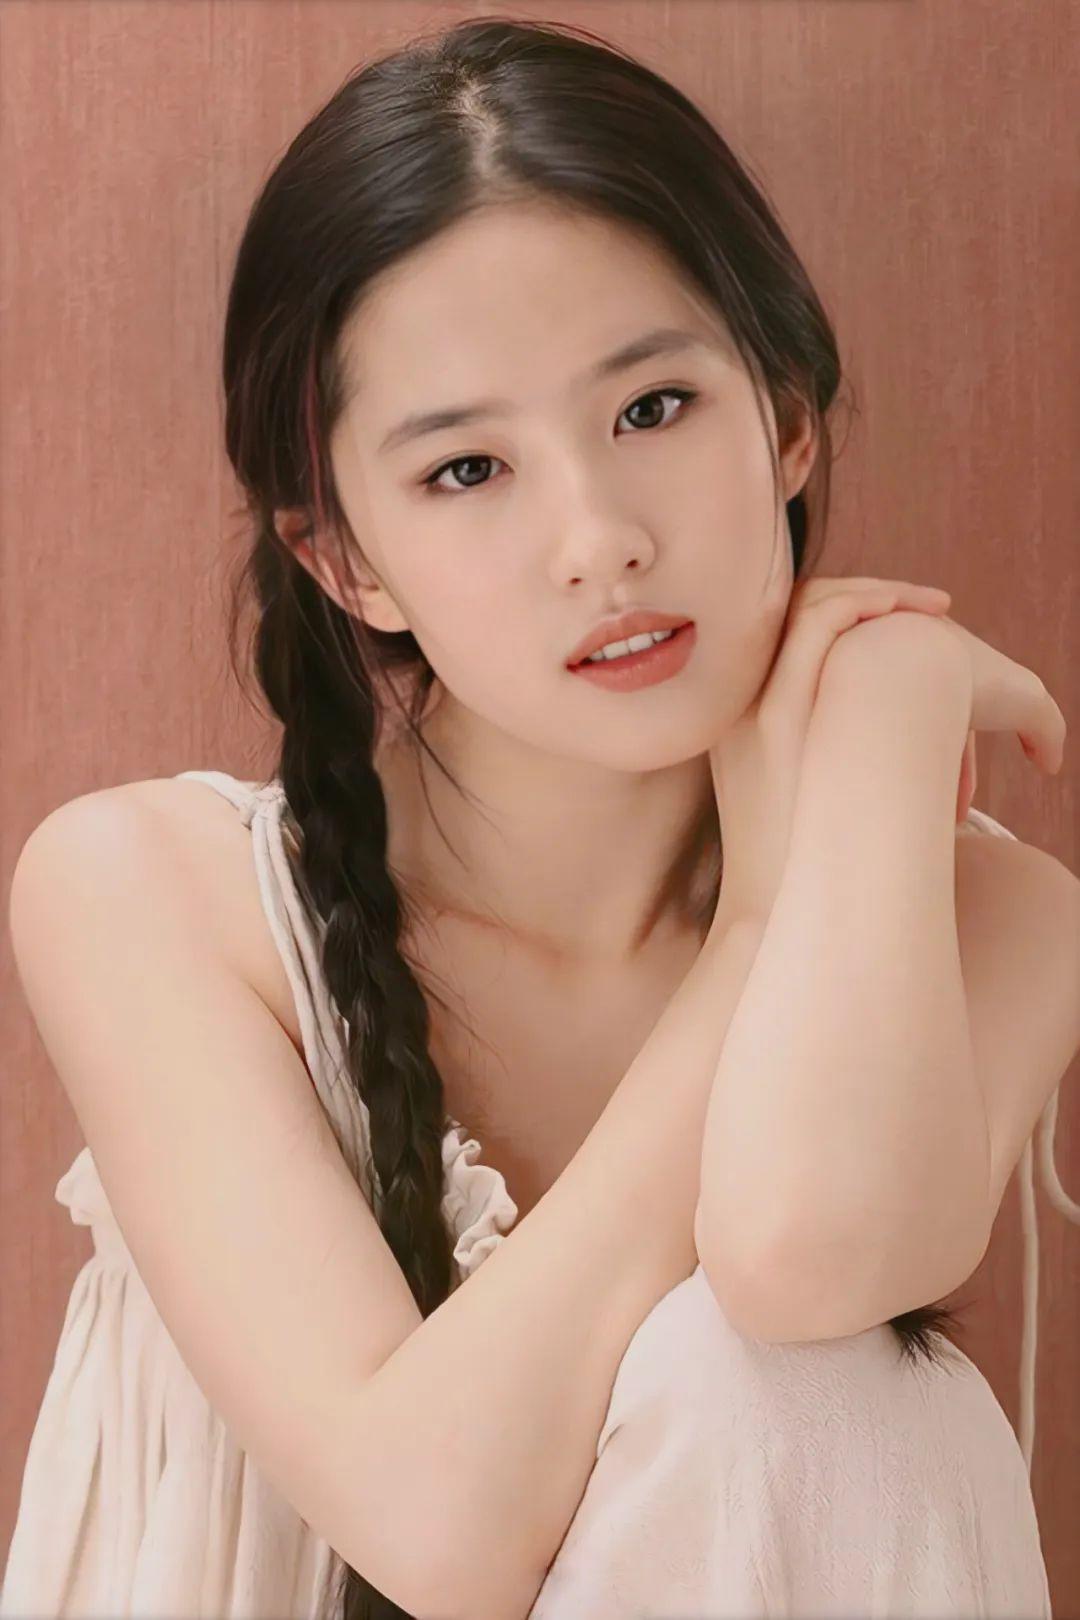 刘亦菲18岁写真,麻花辫眼若秋水,面若桃花,极致动人!_图片 No.8